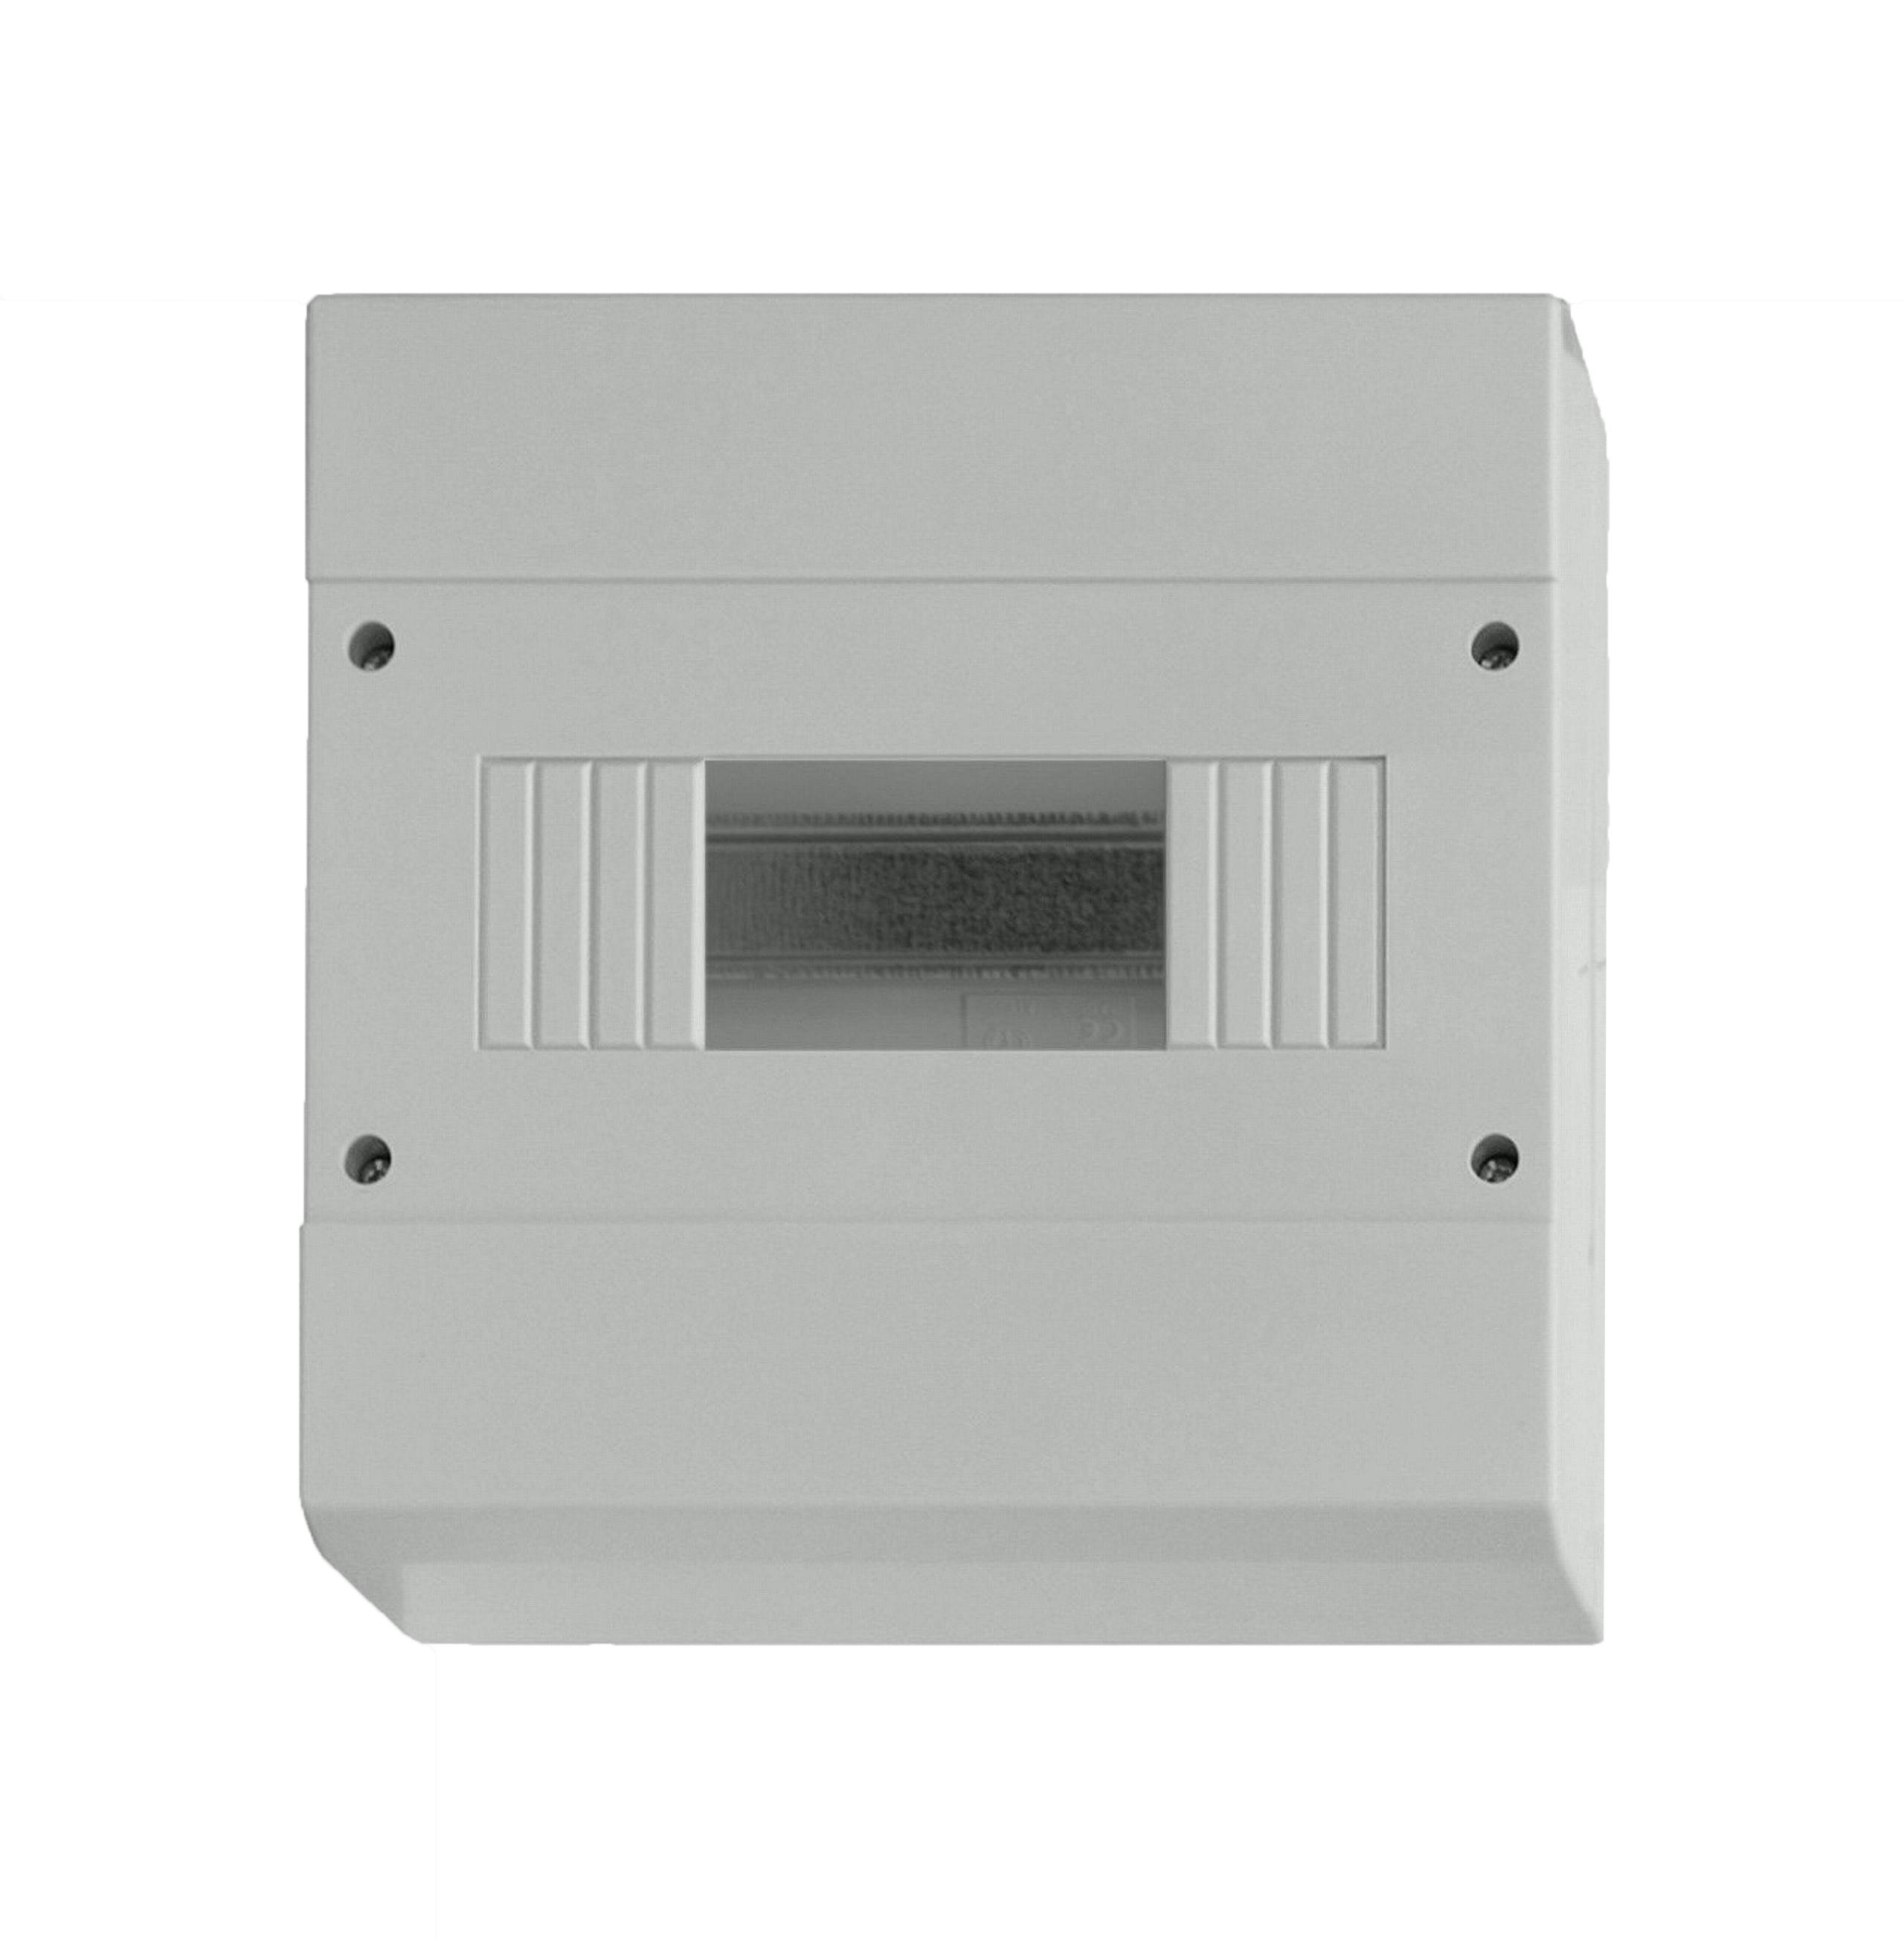 1 Stk Aufputz Automatengehäuse, 8TE, 1-reihig ohne Tür, IP40 BD900014-A